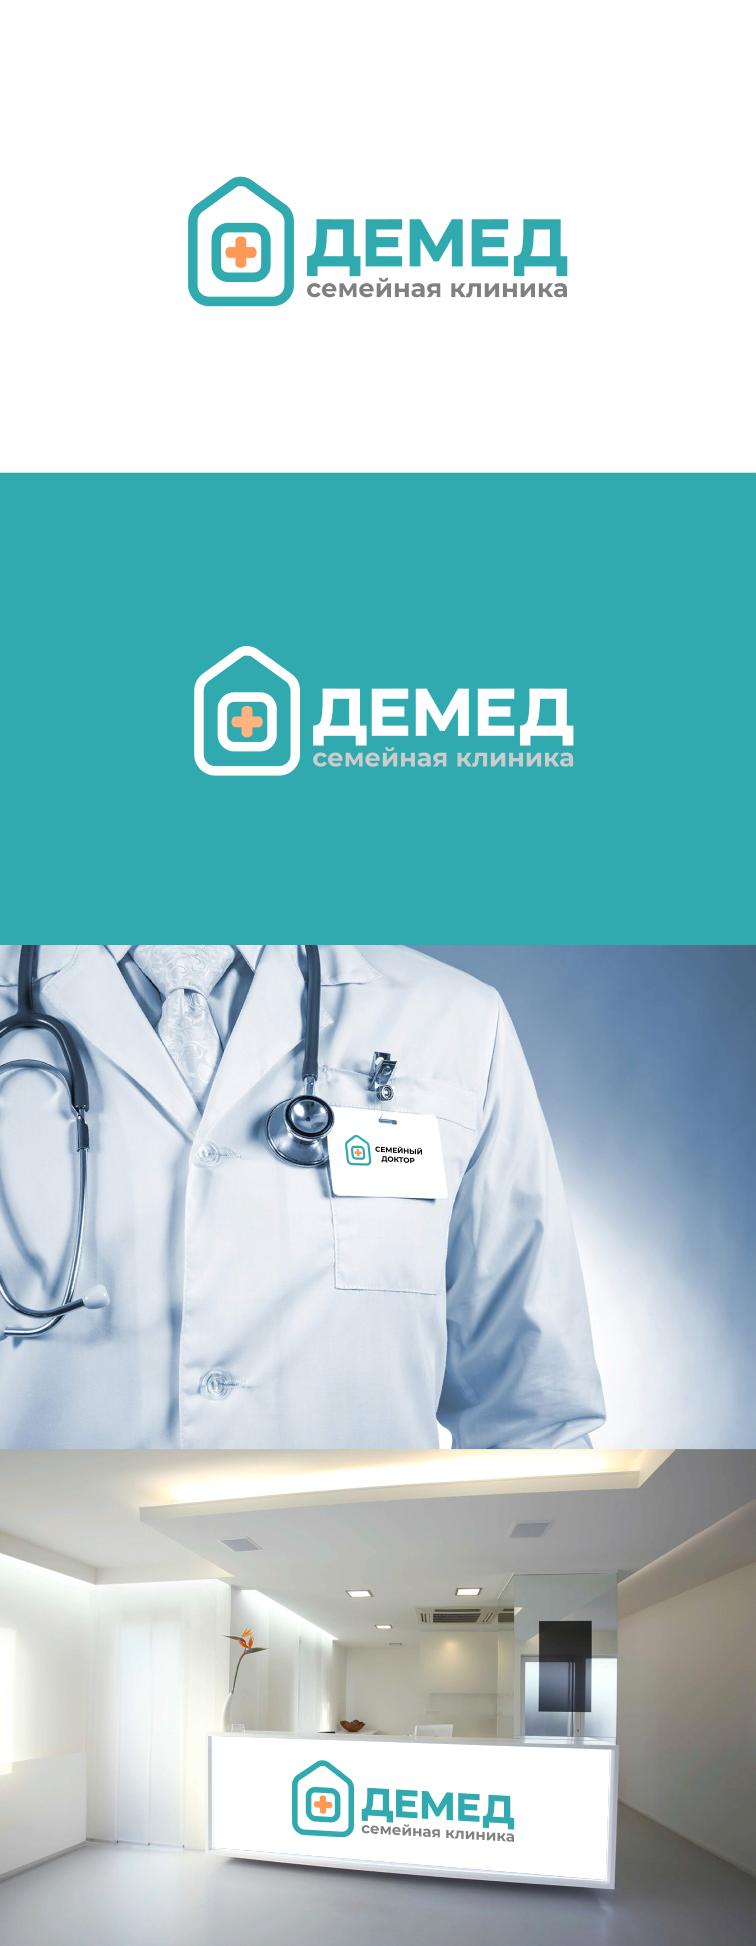 Логотип медицинского центра фото f_9395dcd076b3ac75.png